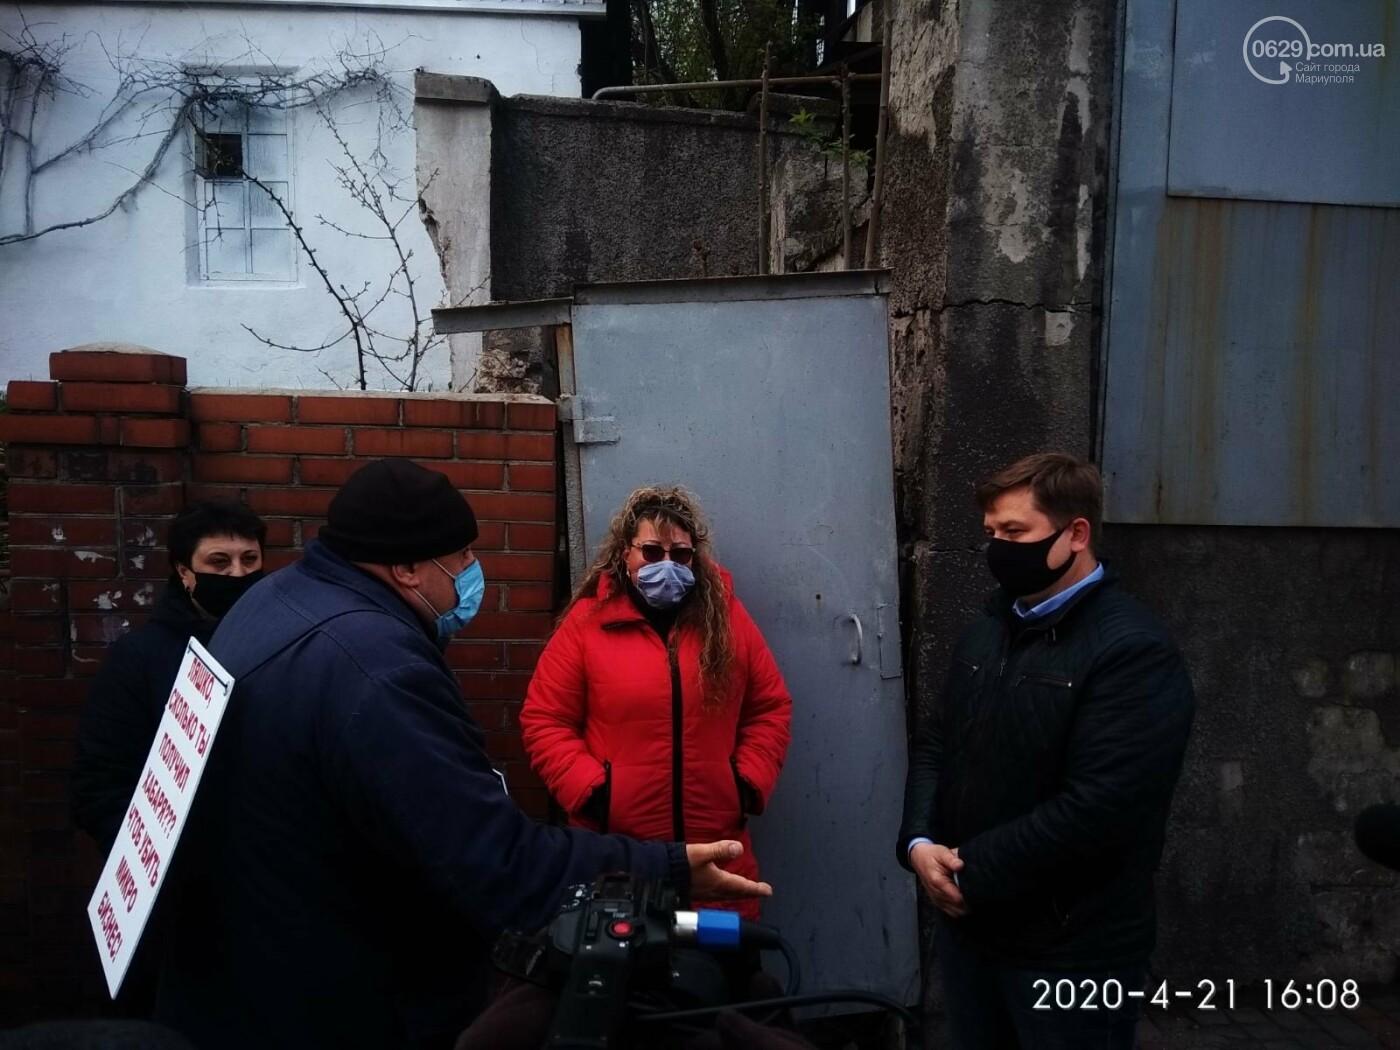 """Мариупольские предприниматели  развернули """"уличную торговлю"""" под стенами мэрии, - ФОТО, фото-1"""